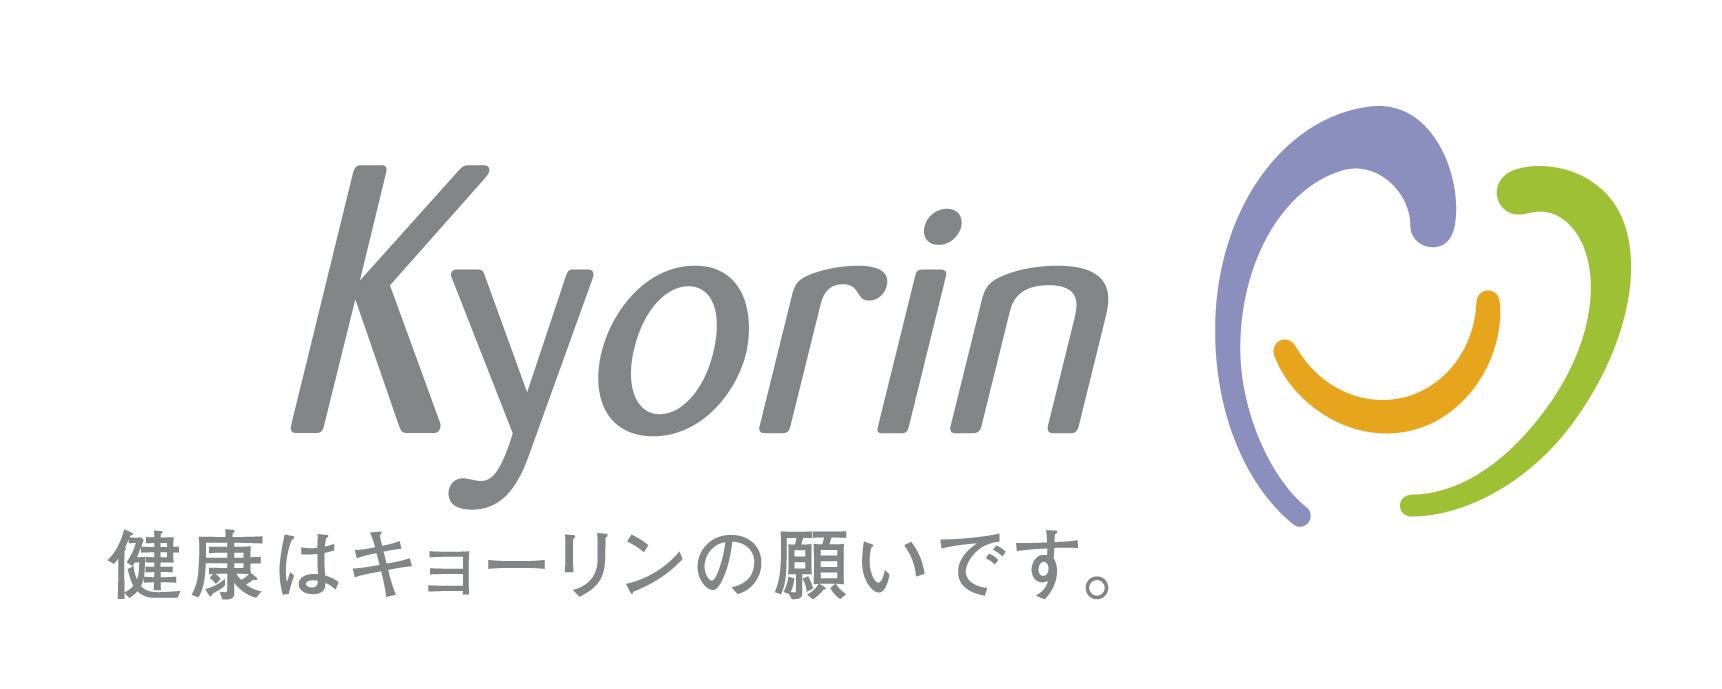 Kyorin USA ロゴ.jpg